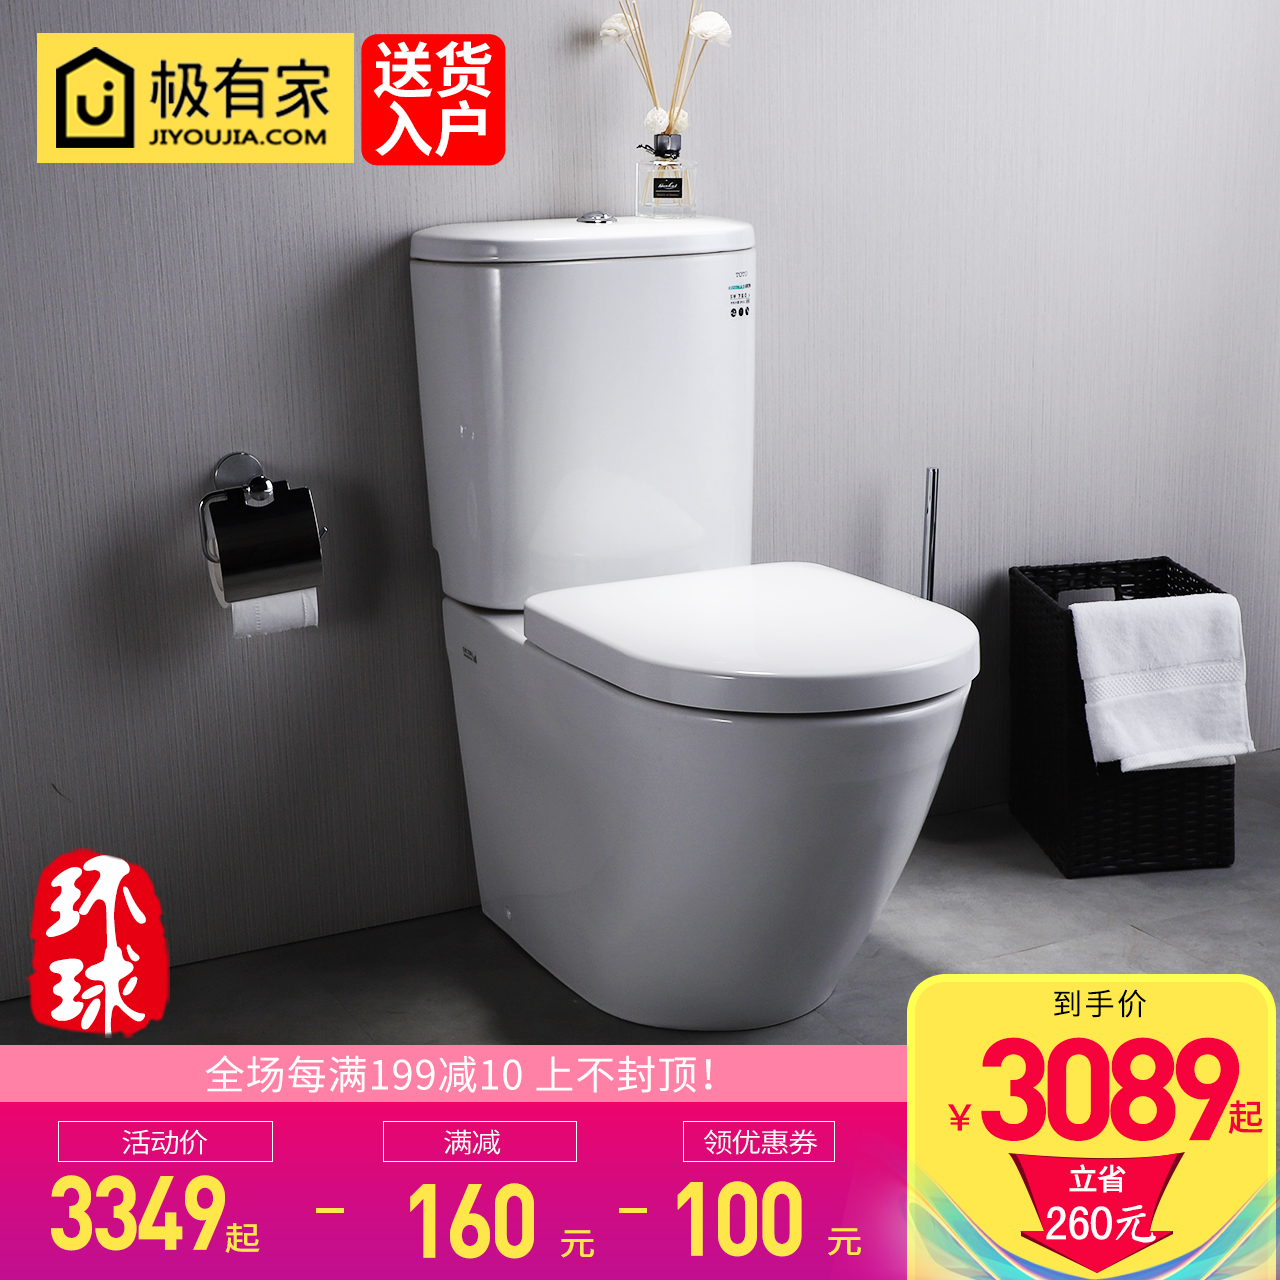 TOTO toilet CW761B SW760B split toilet toilet household ceramic ...